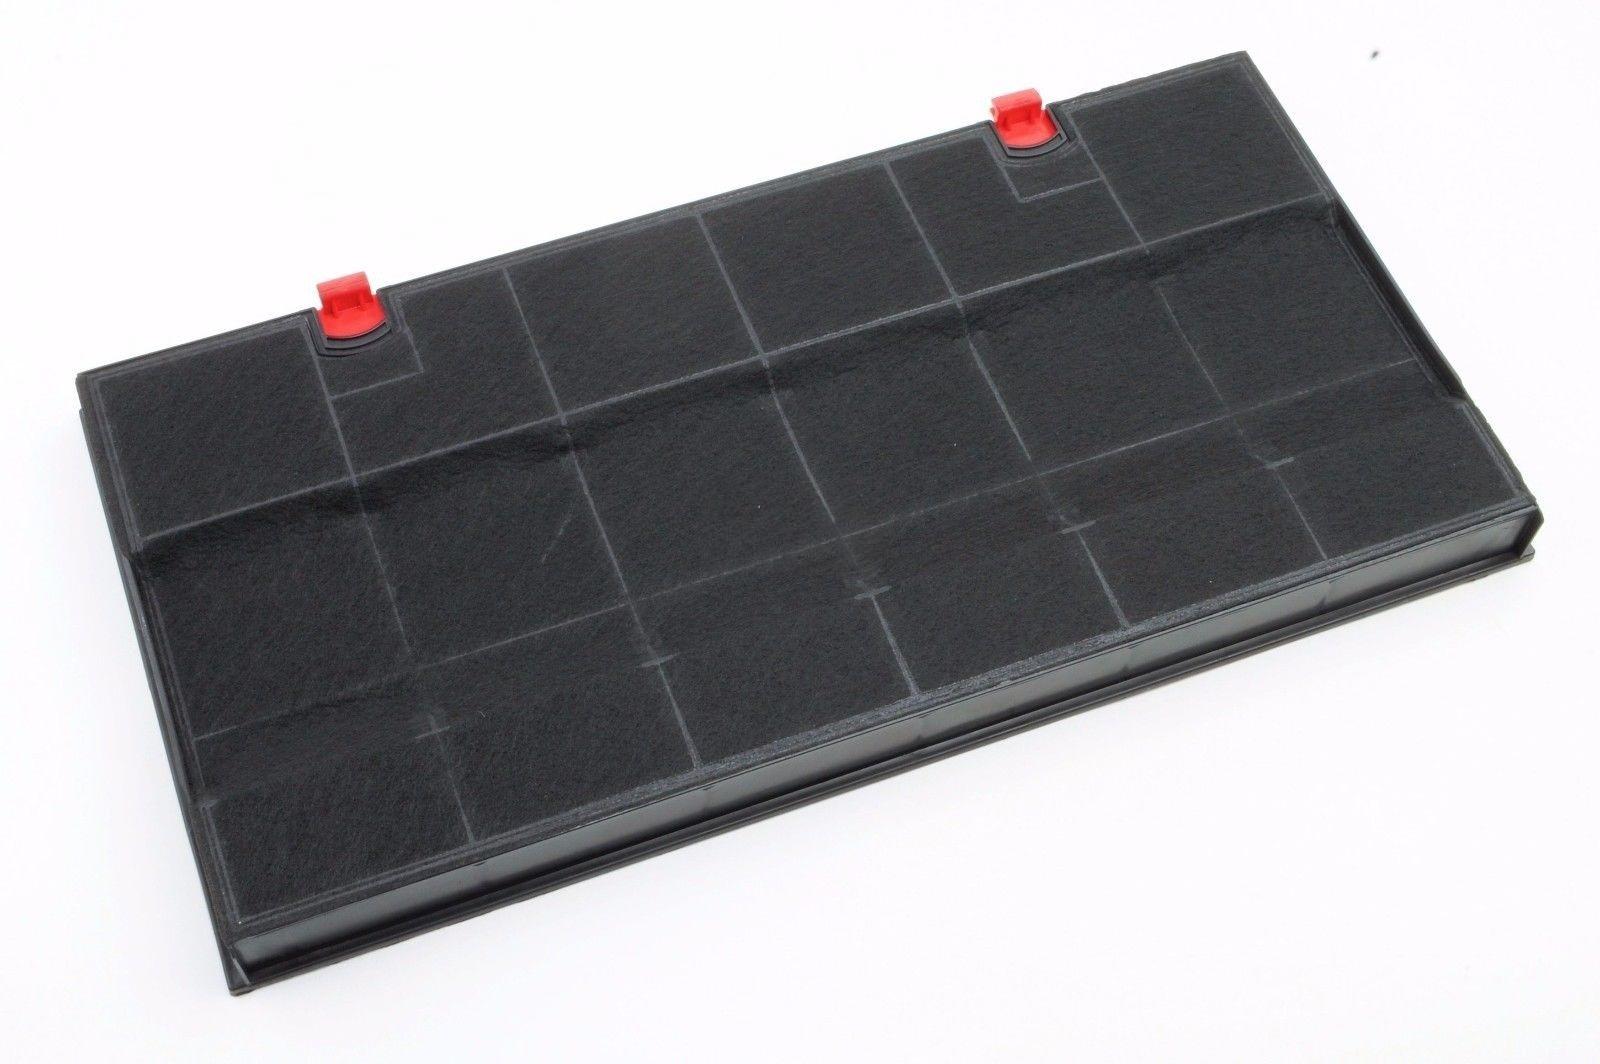 Aeg juno aktiv kohle filter elica typ für dunstabzugshaube